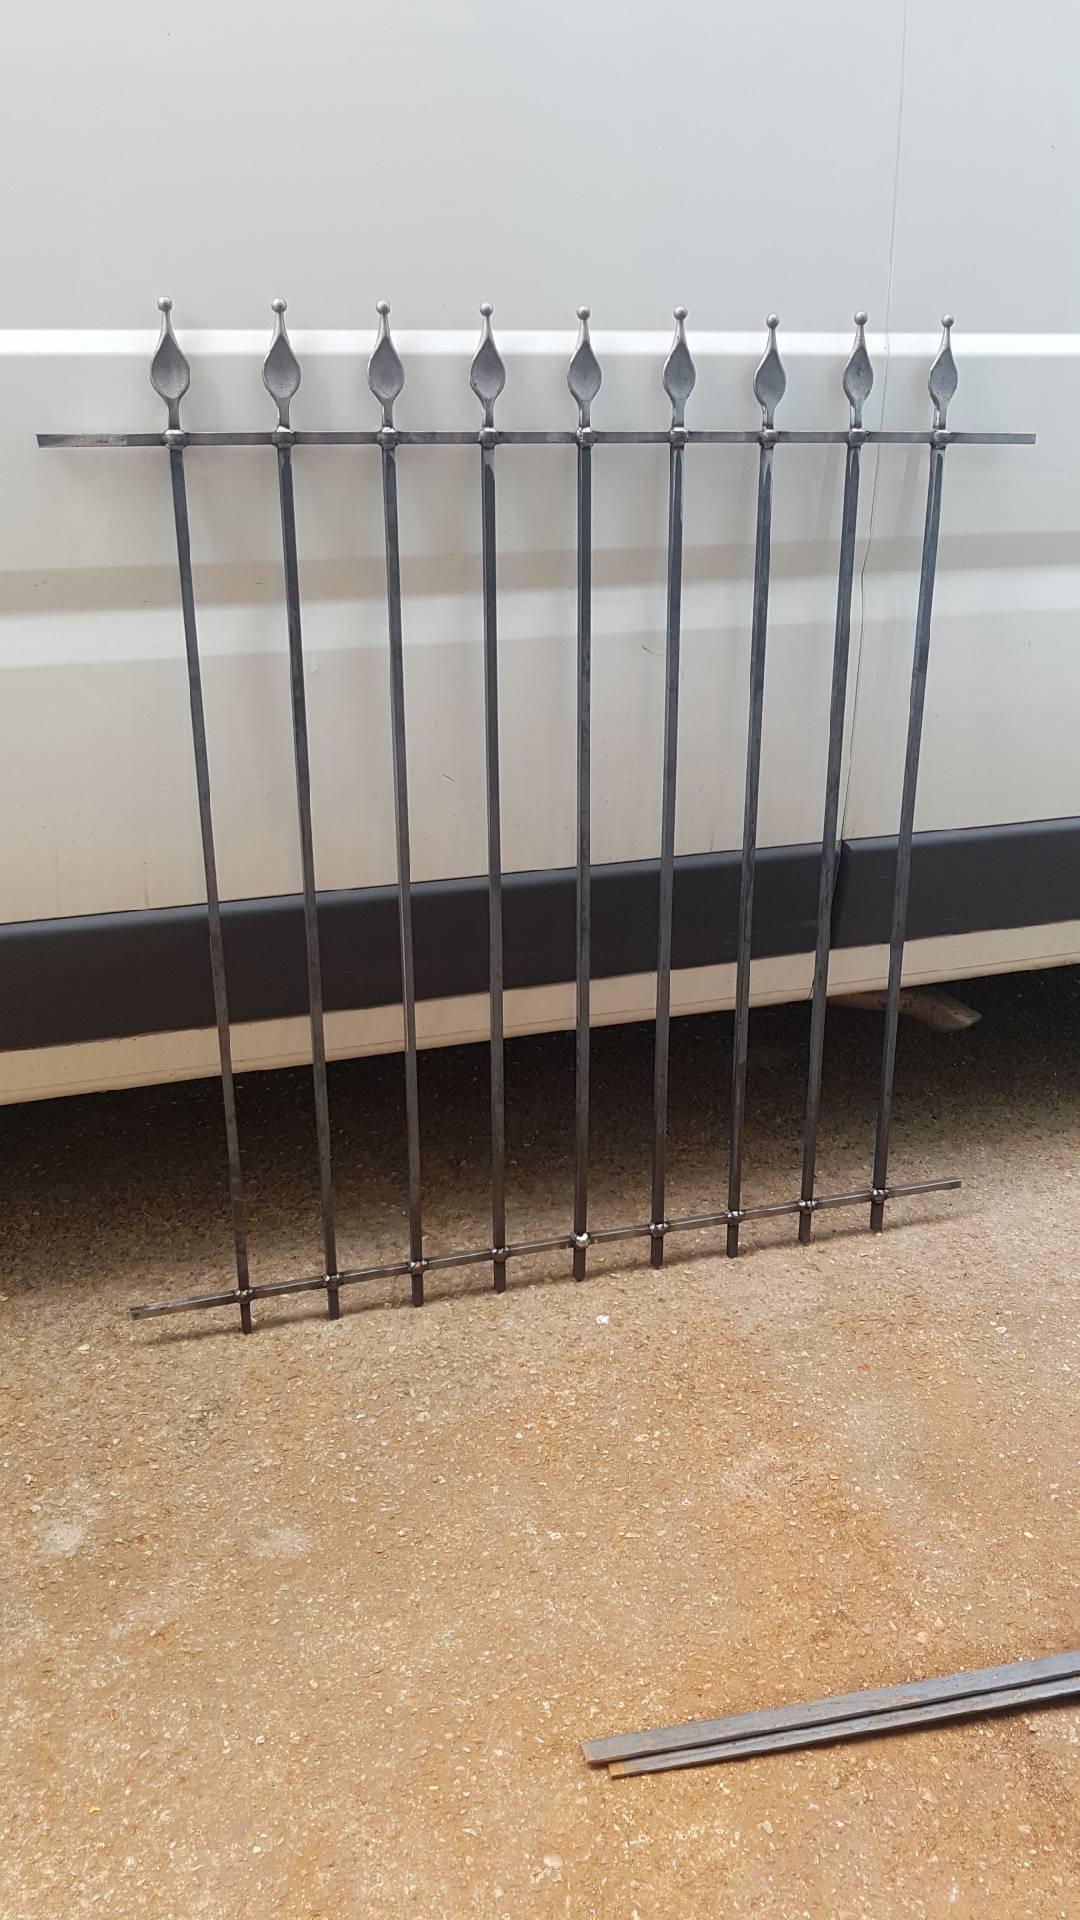 Conception et fabrication complète par notre client d'une grille de défense fixe en fer forgé -  Réalisation à  partir de notre gamme de pièces détachées - Localisation Essonne